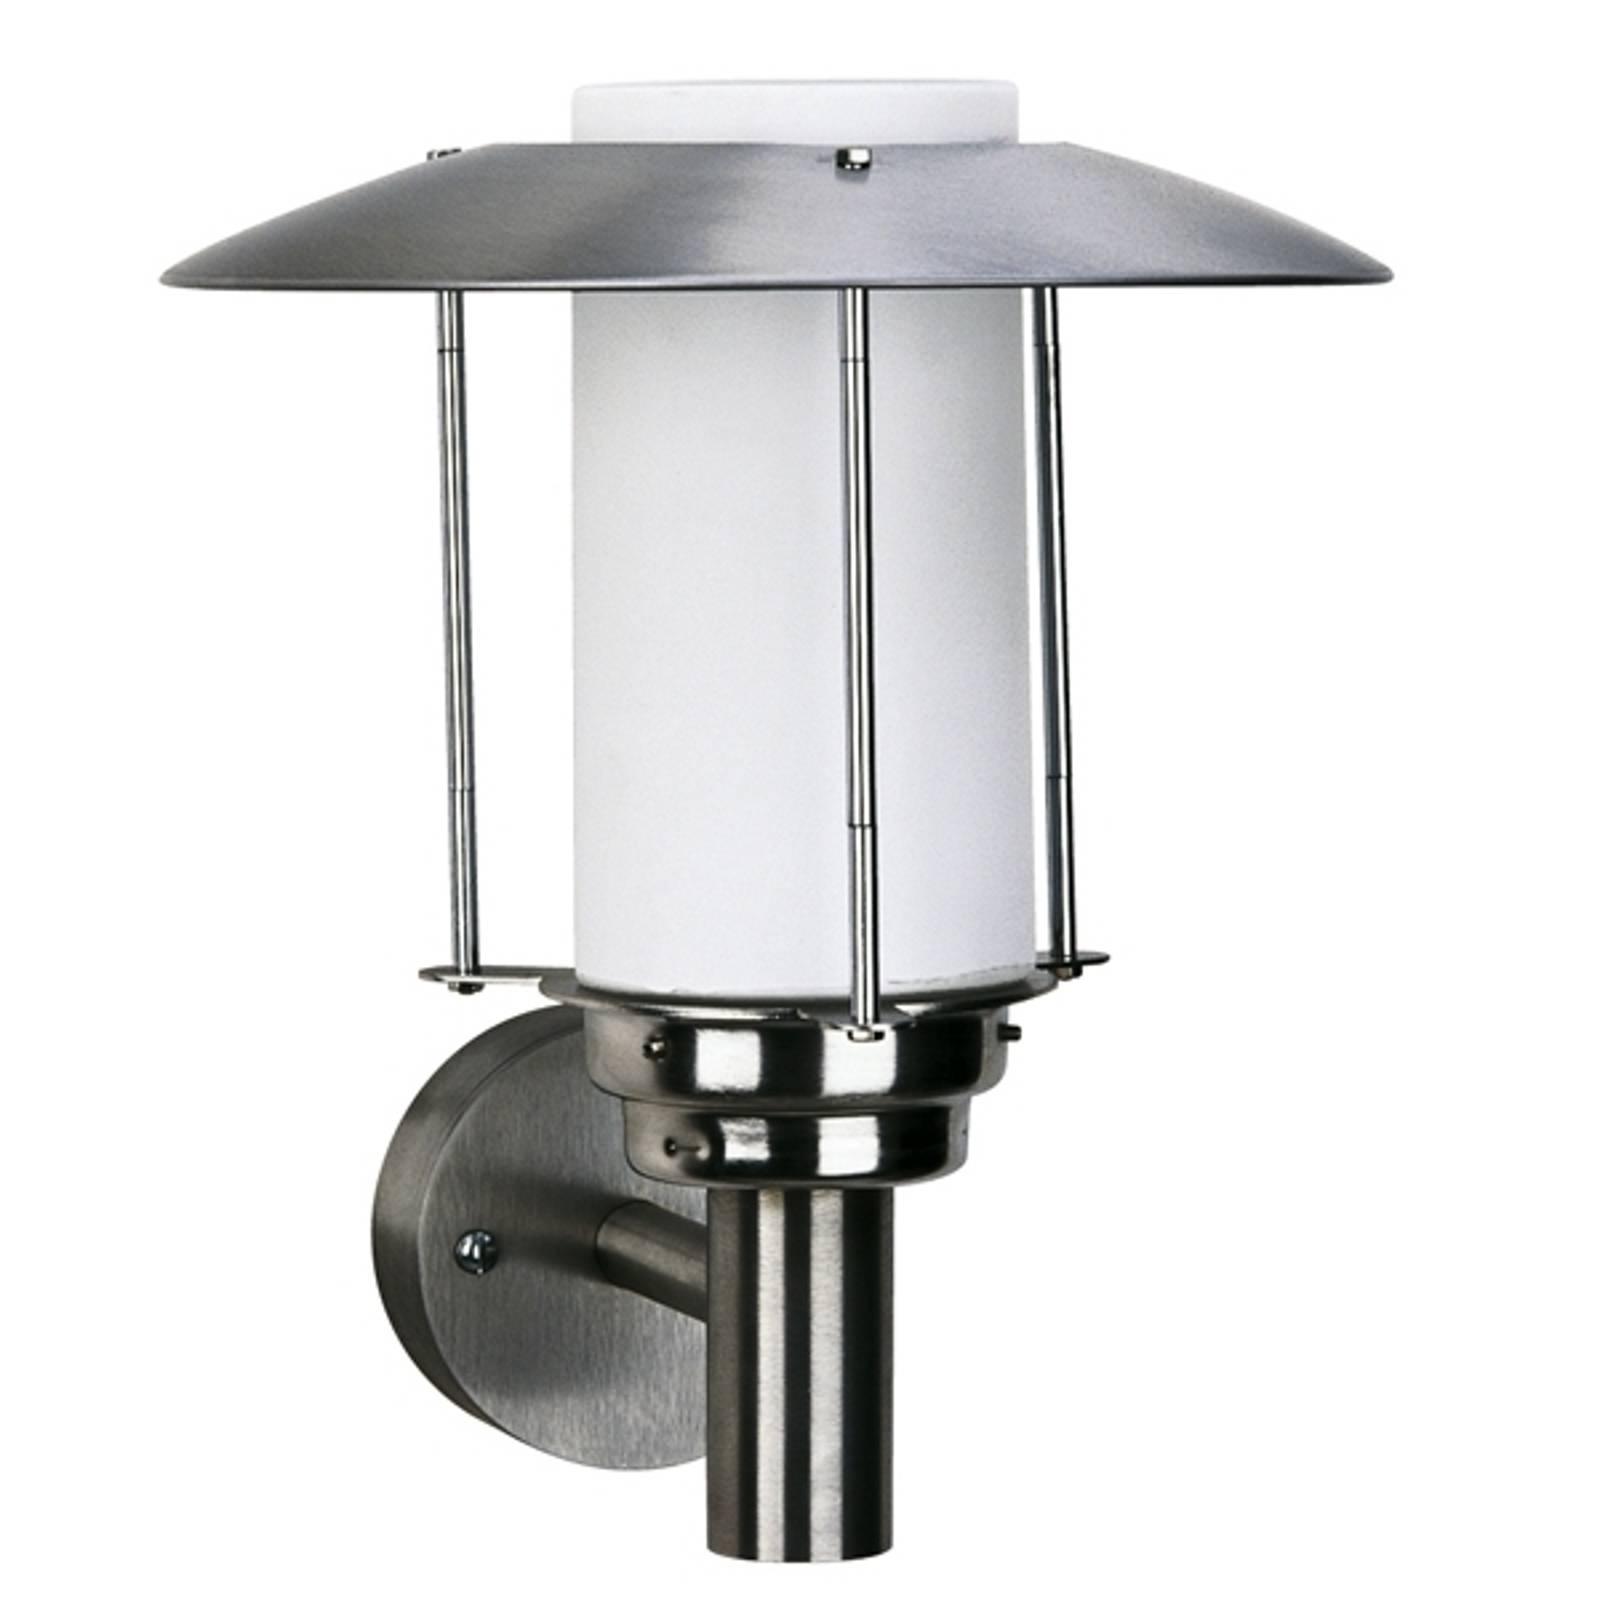 Zewnętrzna lampa ścienna 481 Made in Germany